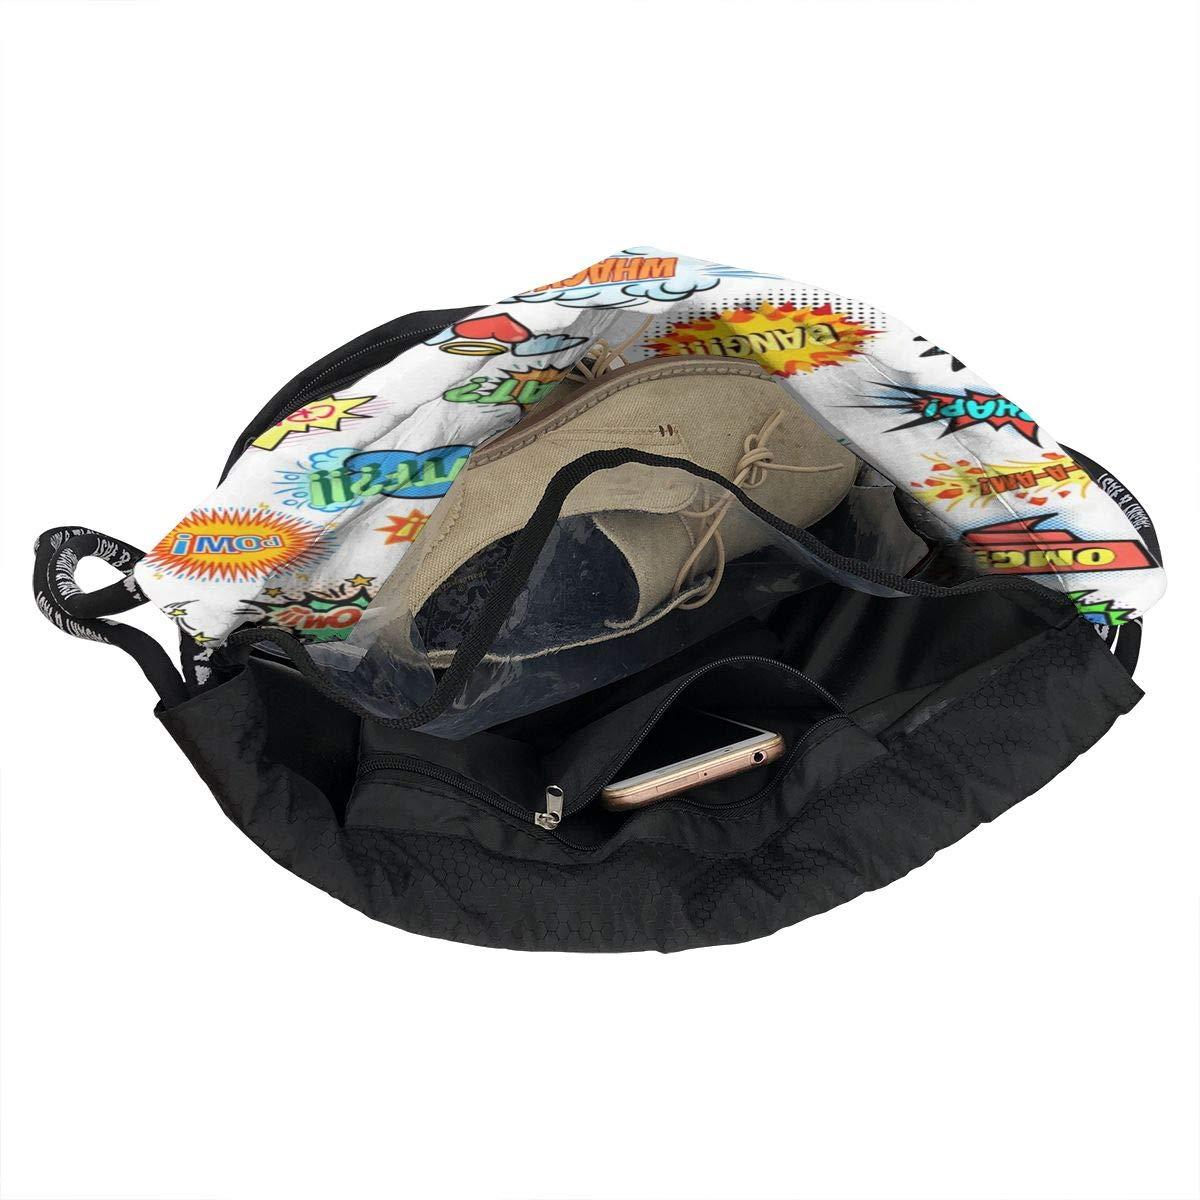 HUOPR5Q Inkjet Printing Drawstring Backpack Sport Gym Sack Shoulder Bulk Bag Dance Bag for School Travel